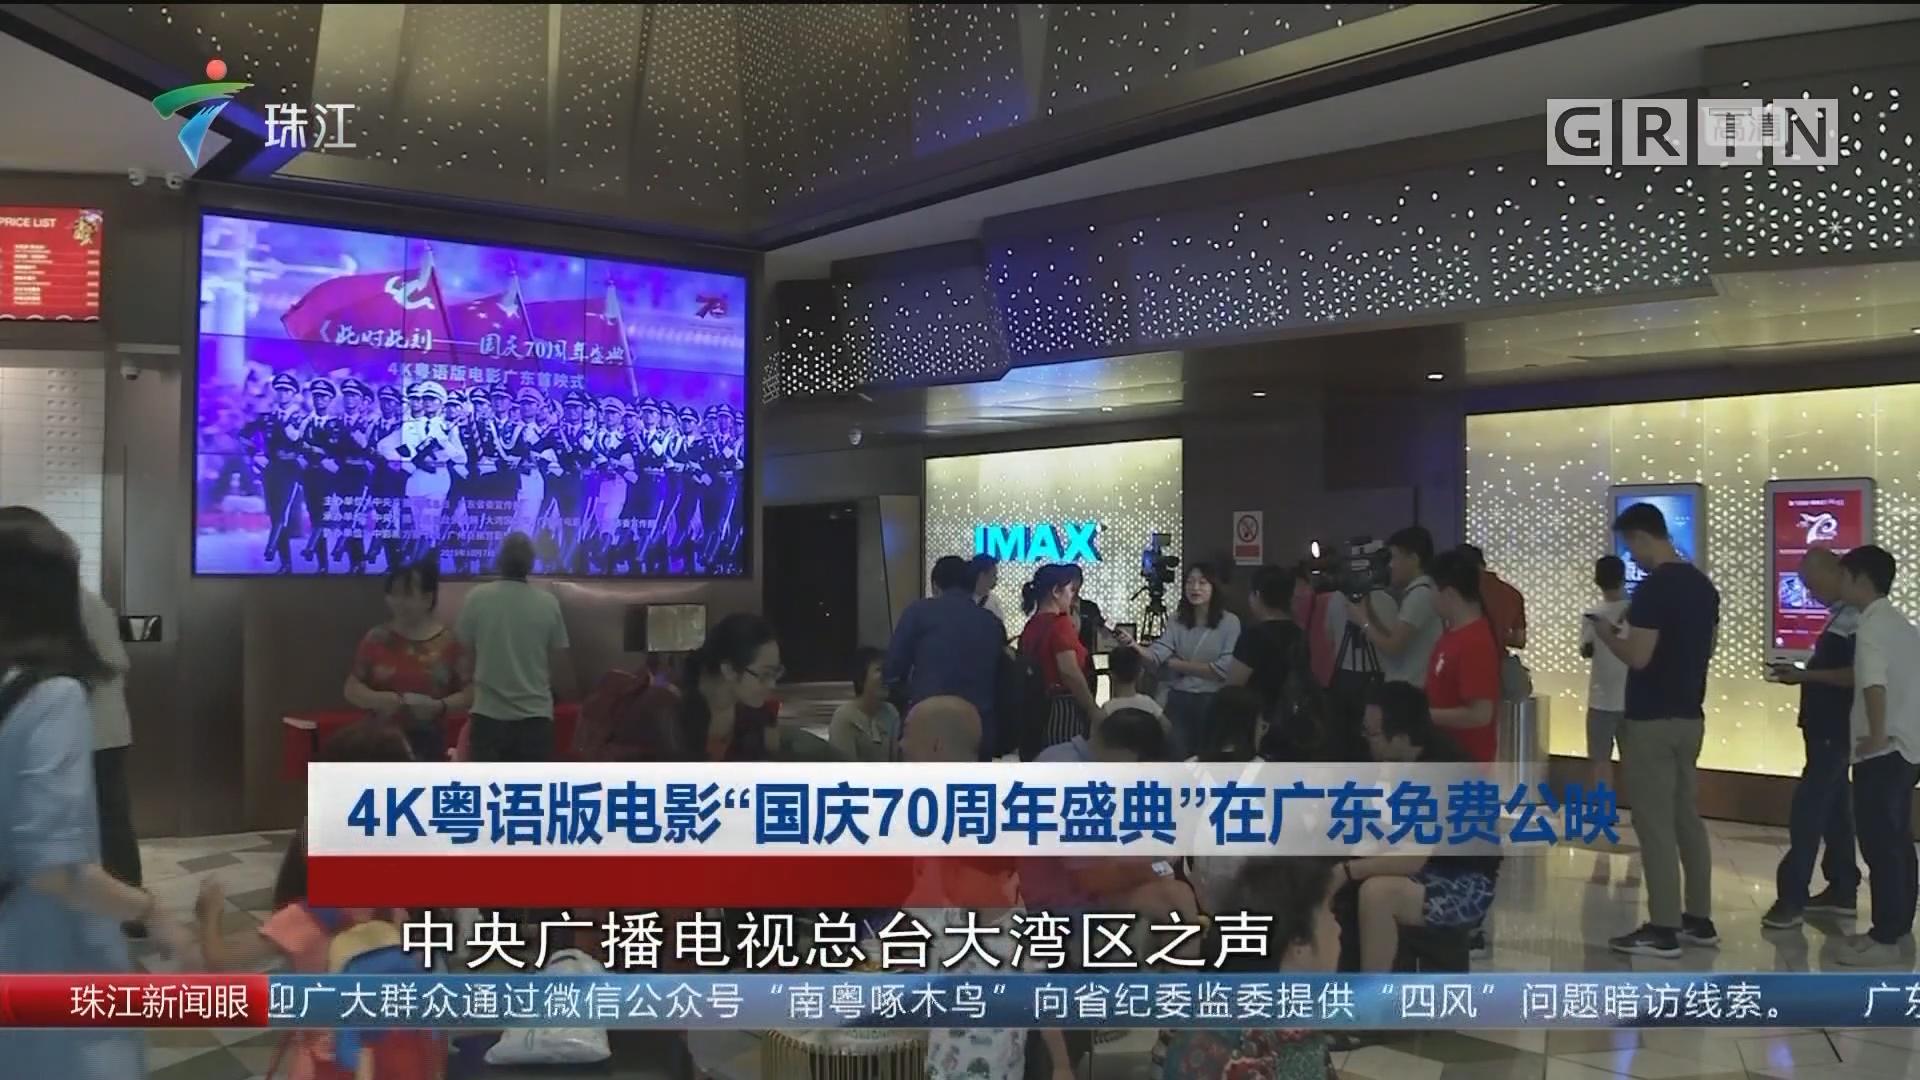 """4K粤语版电影""""国庆70周年盛典""""在广东免费公映"""